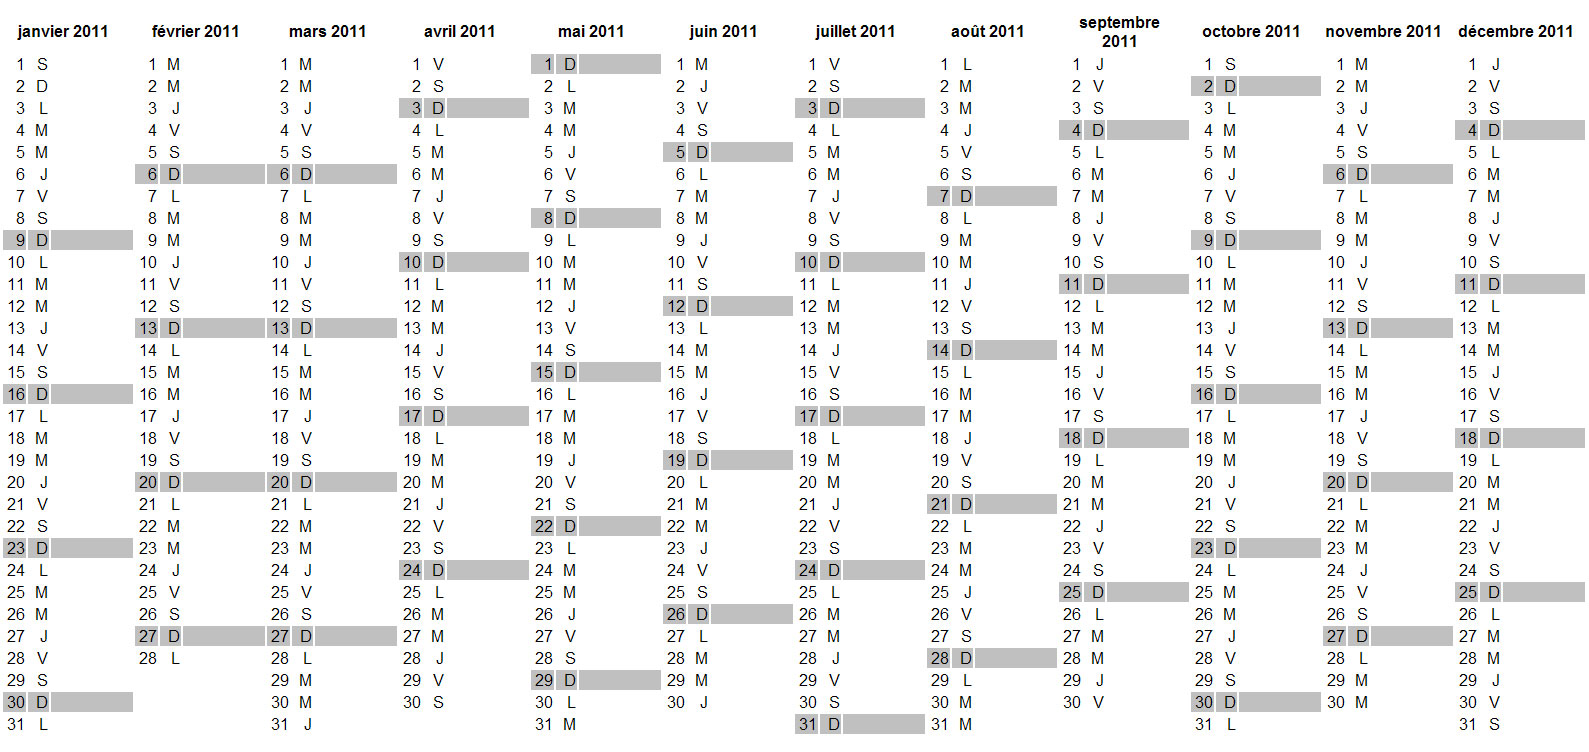 Bekannt Calendrier 2011 à imprimer gratuit au format Excel, PDF, JPG MF99